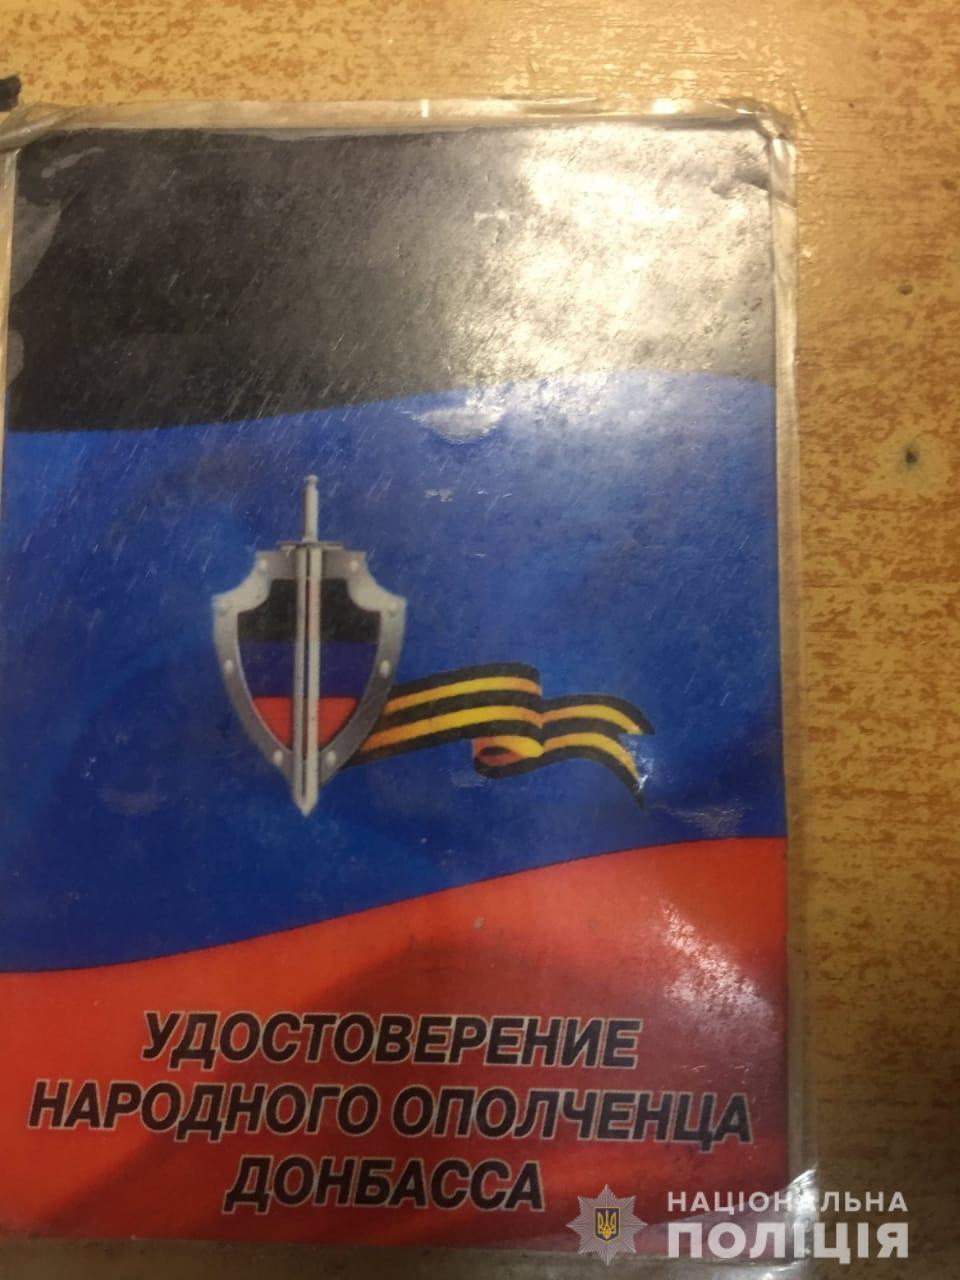 """Під час огляду у чоловіка виявили документи, видані окупаційною владою """"ДНР"""""""